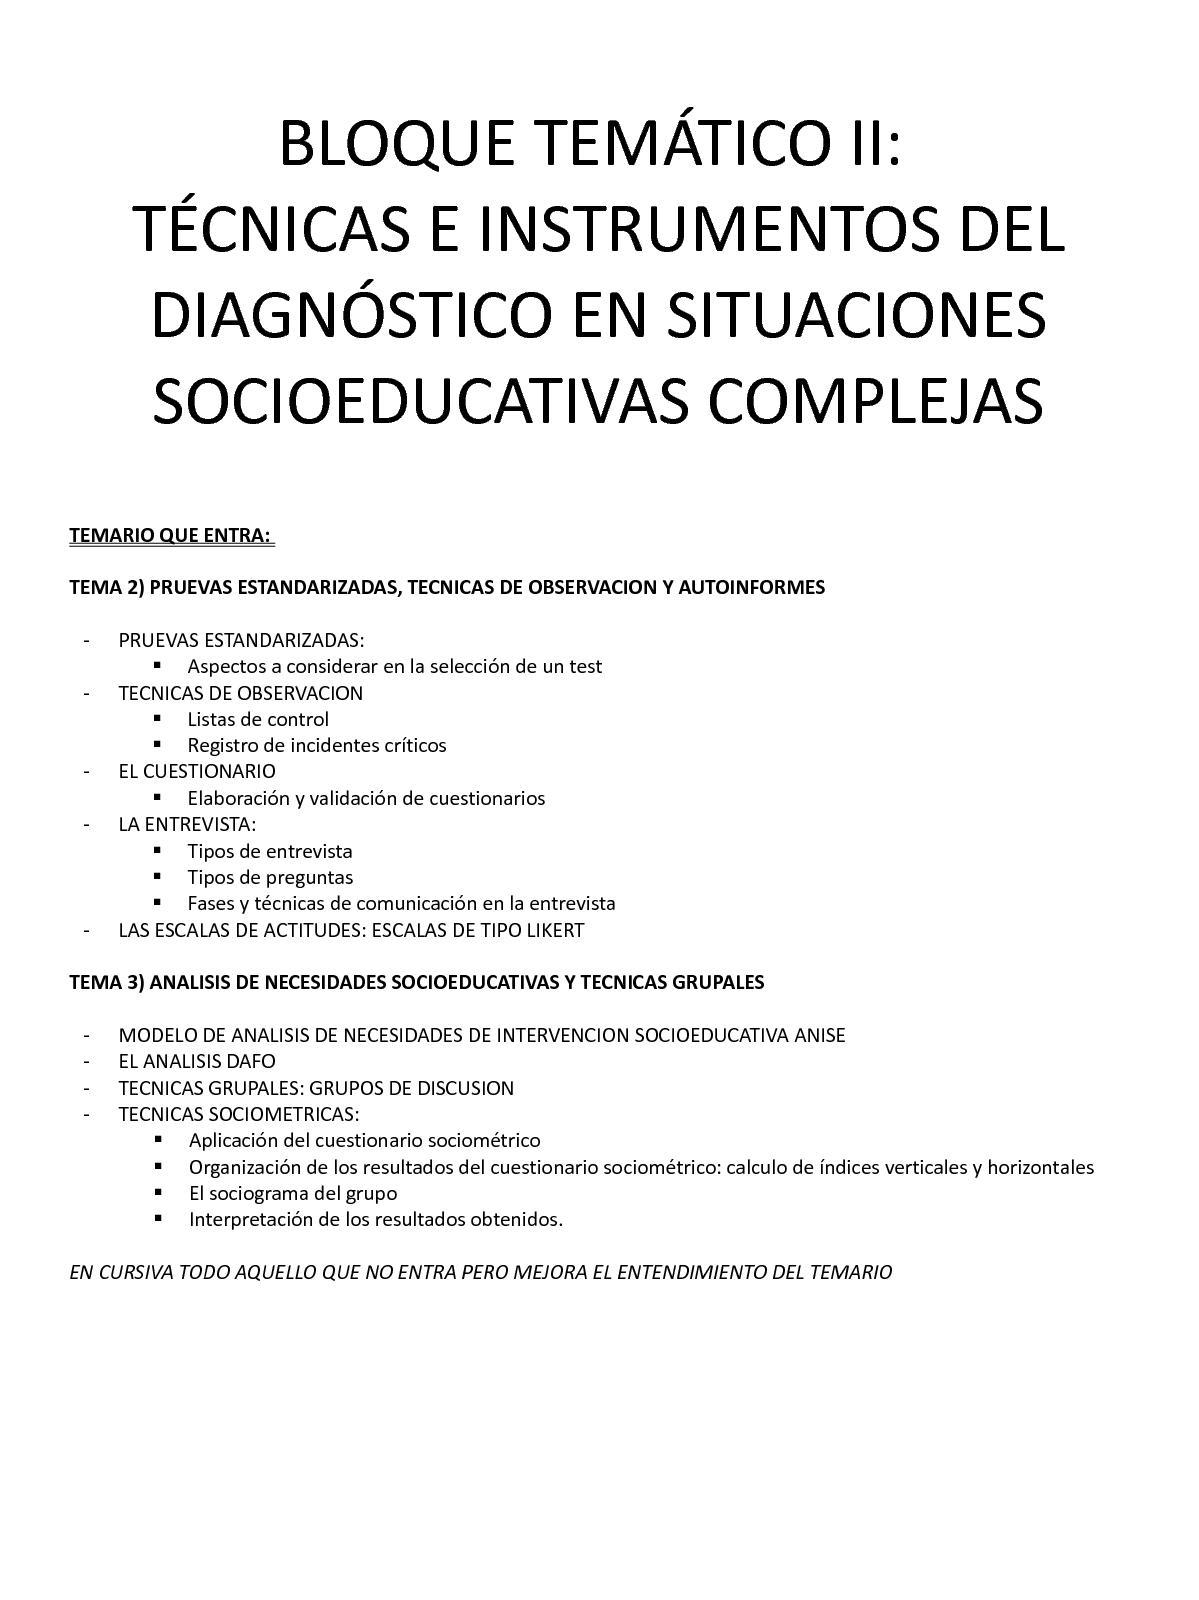 Técnicas e instrumentos del diagnóstico en situaciones socioeducativas complejas